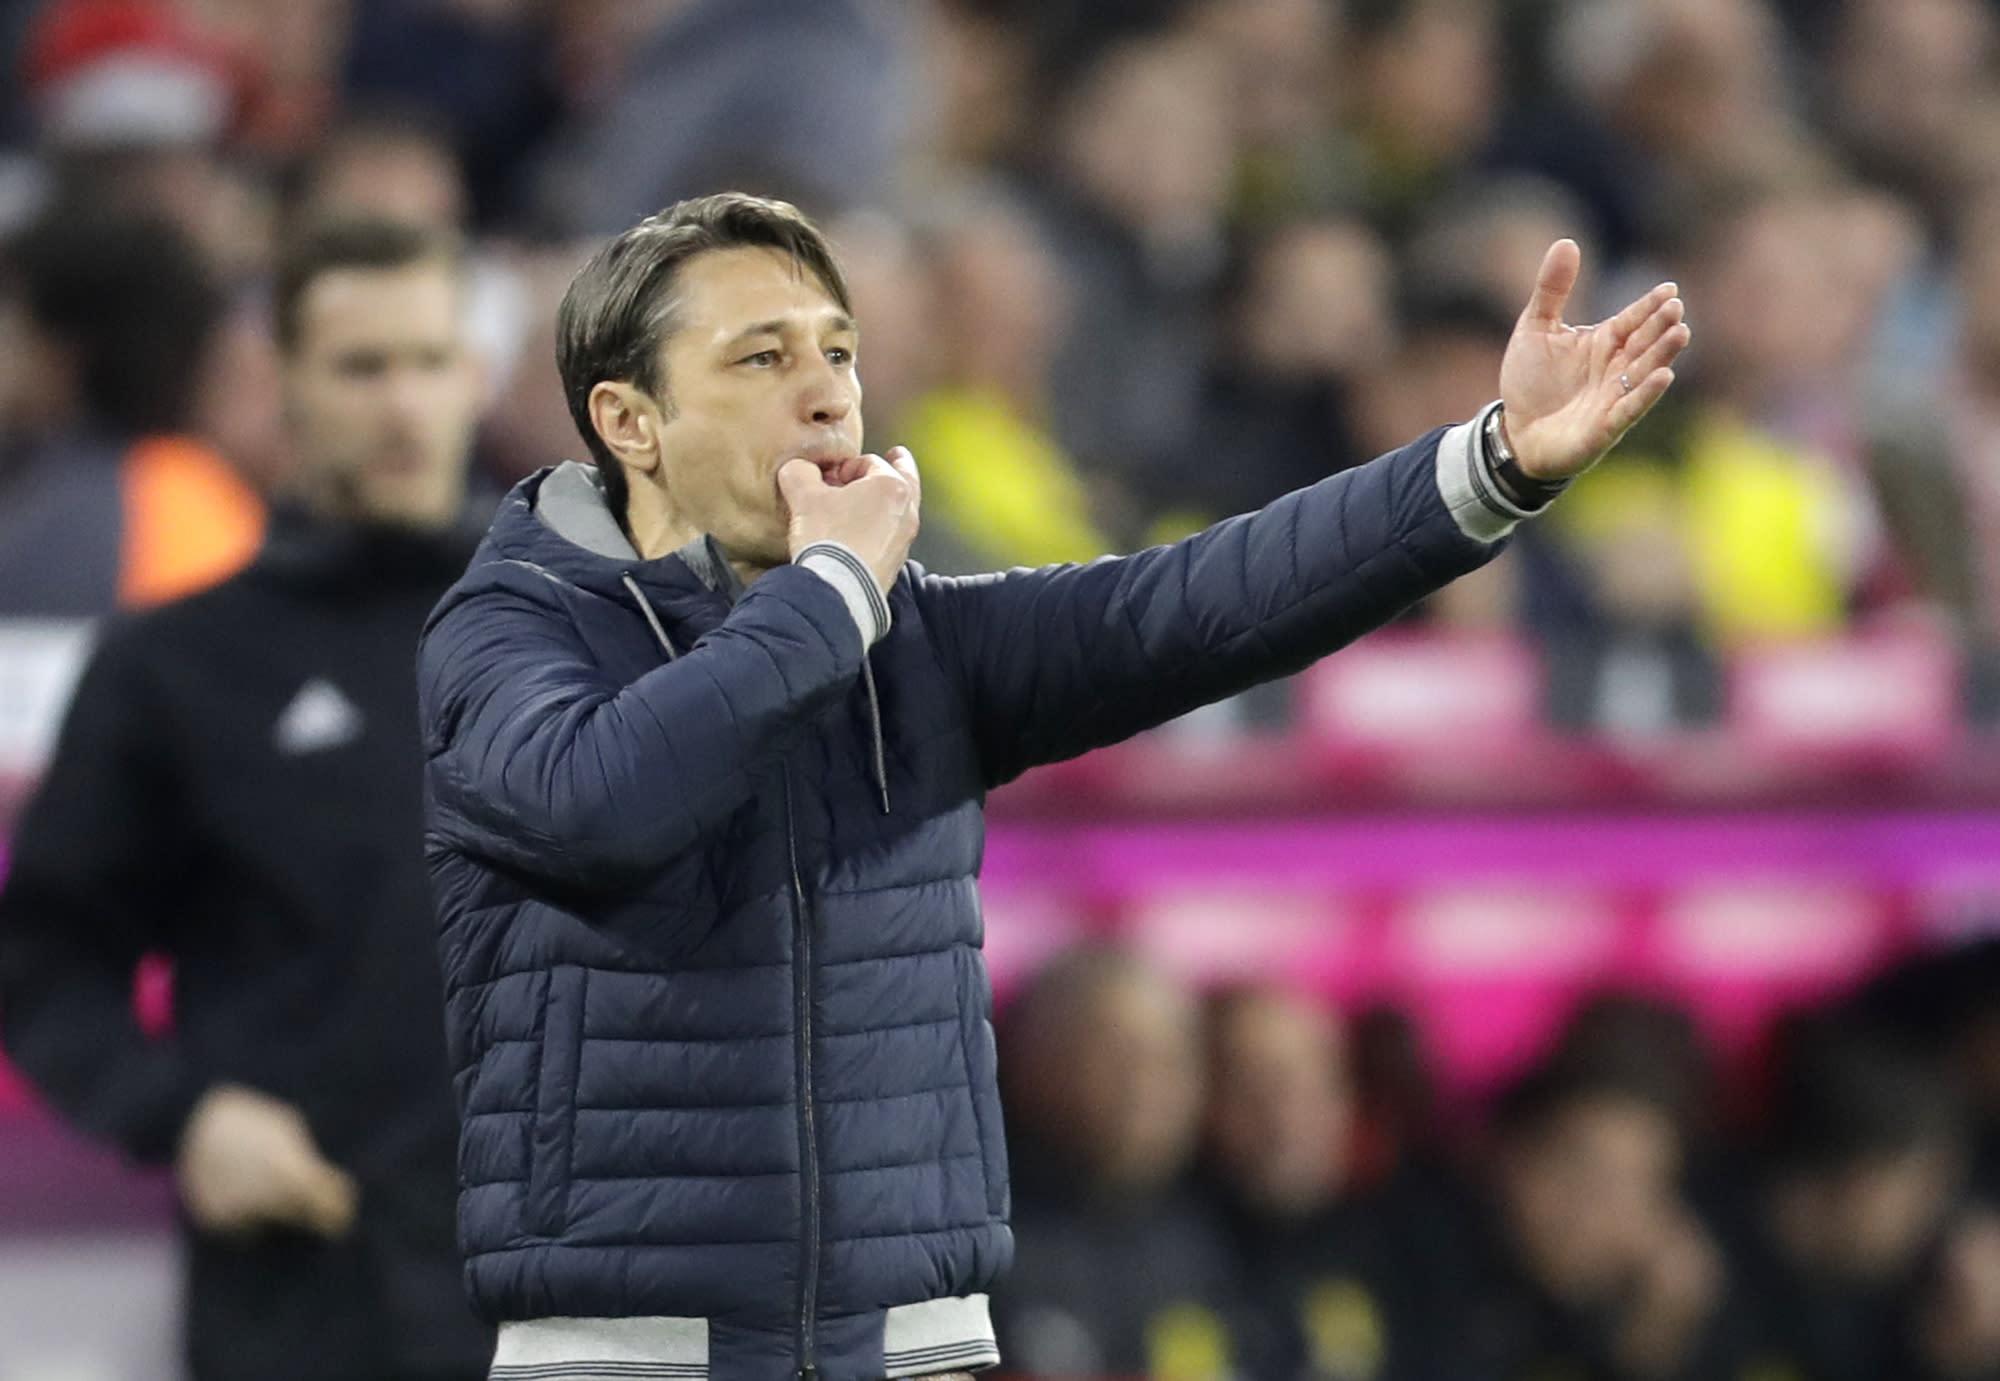 Borussia Dortmund at a loss after Bayern Munich rout